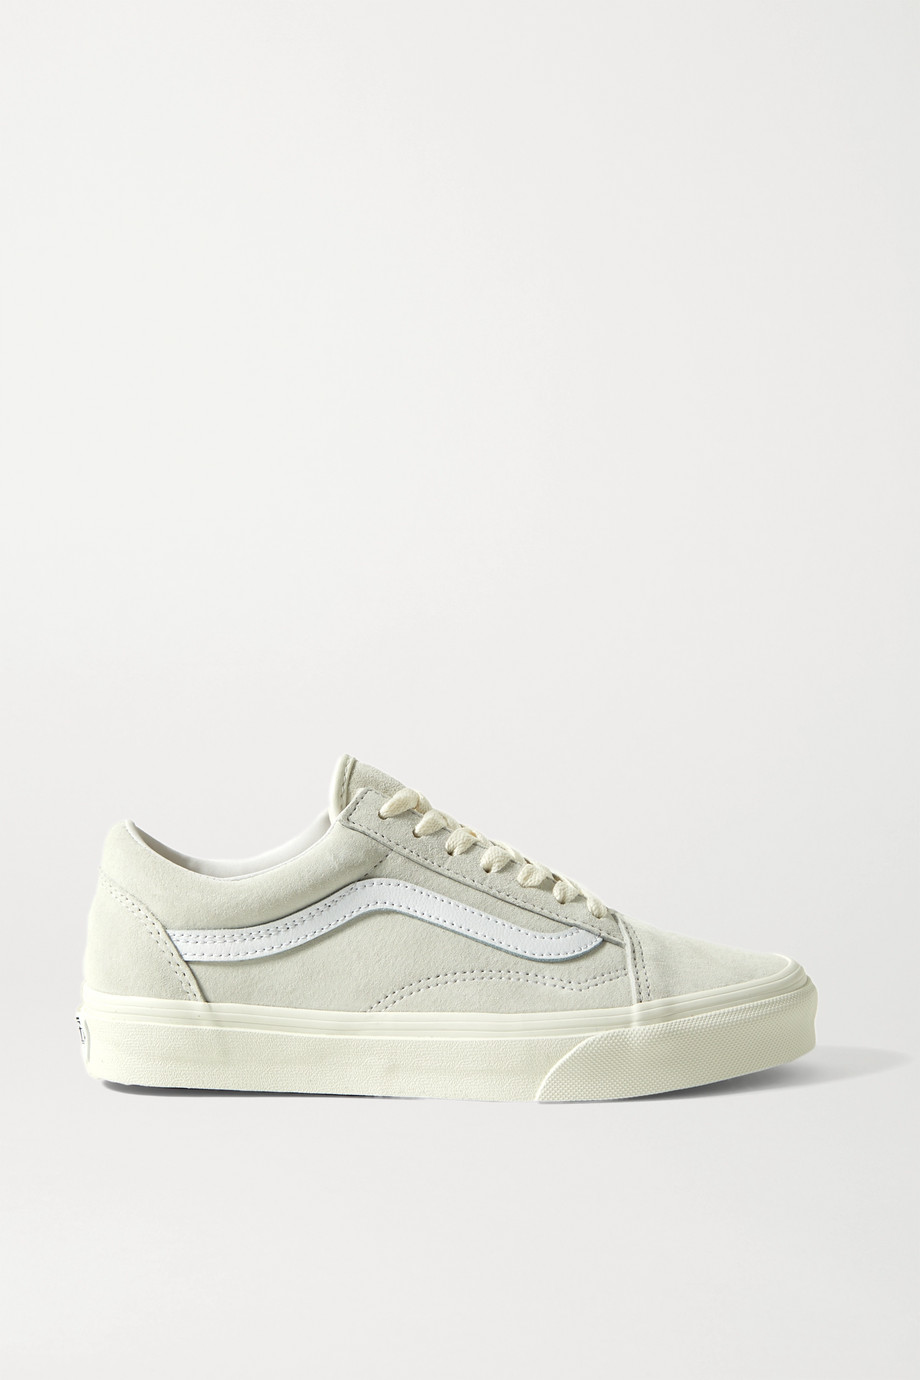 Vans Old Skool leather-trimmed suede sneakers